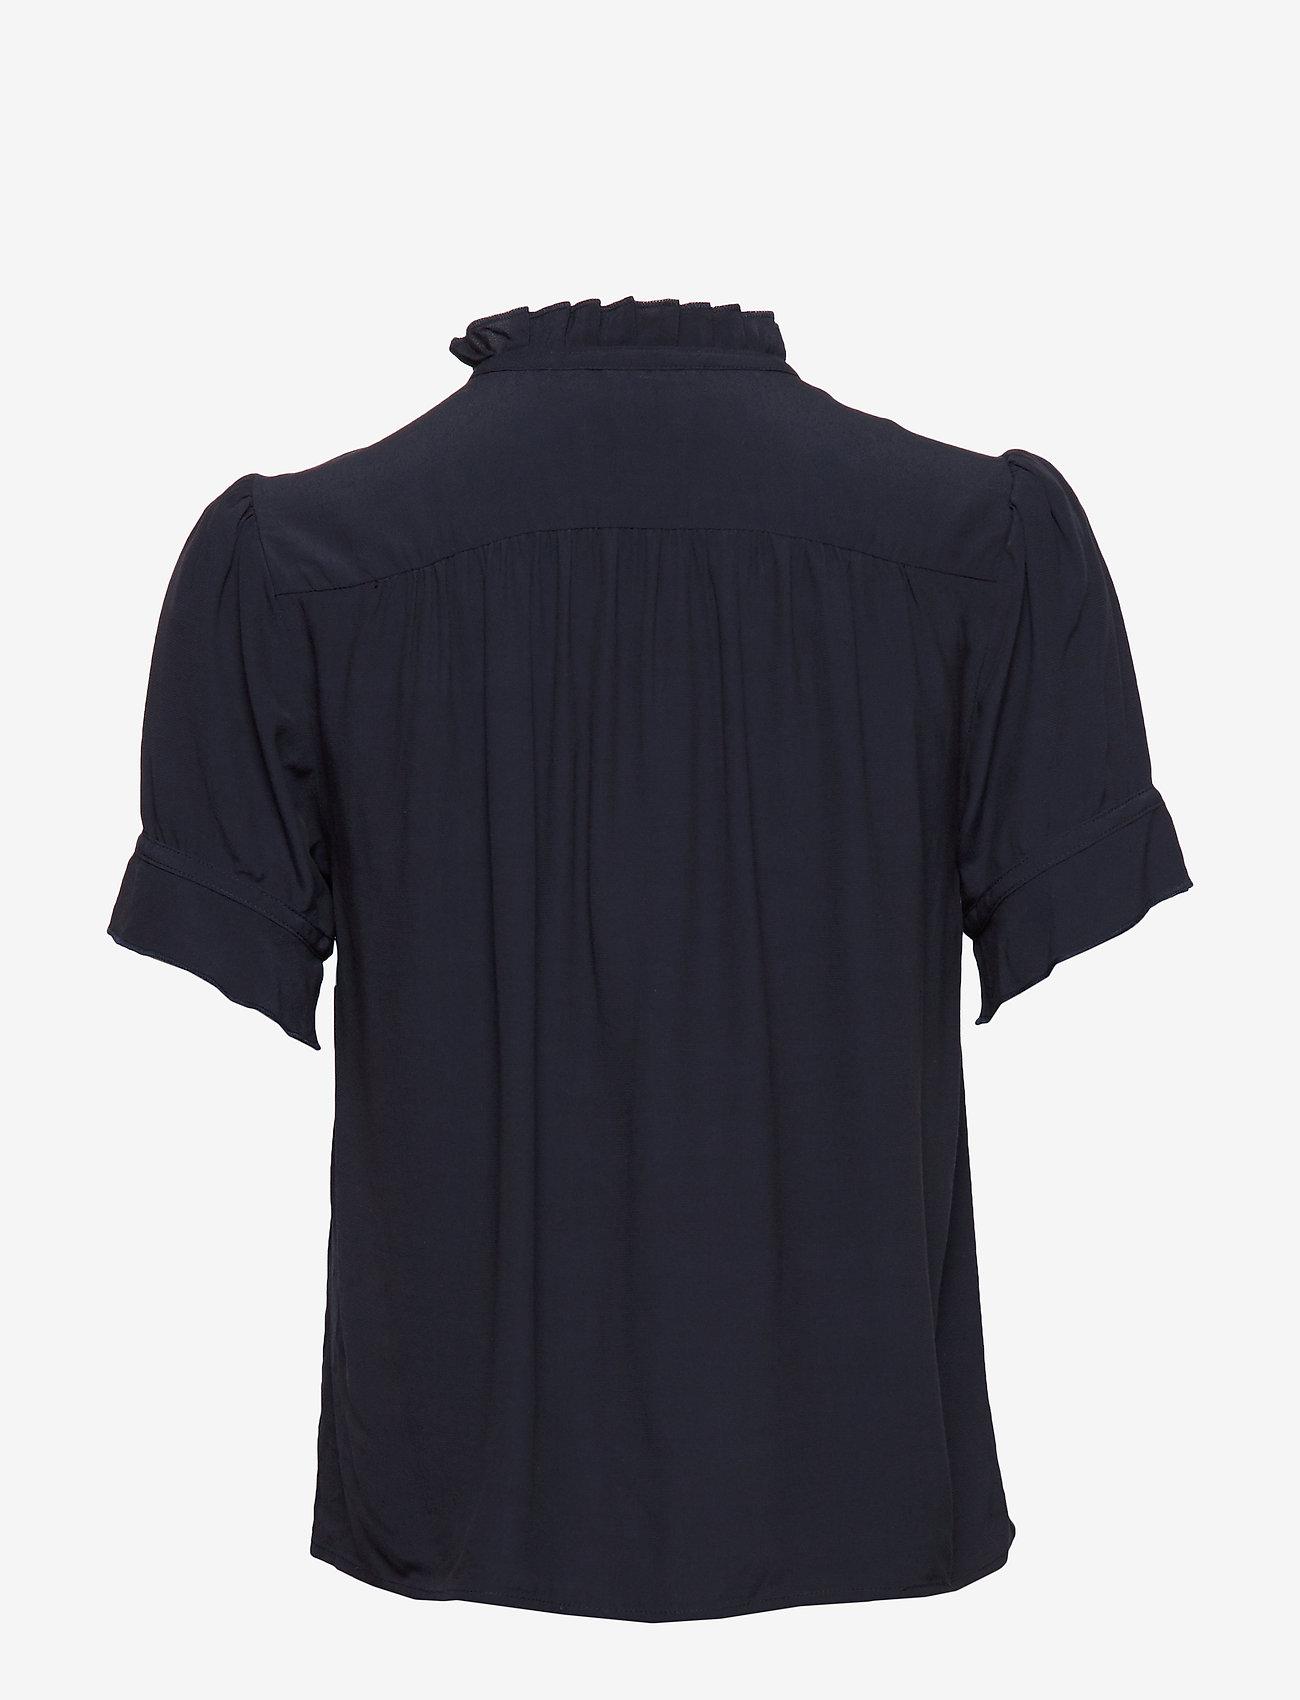 Samsøe Samsøe - Rosella shirt 10864 - kortärmade blusar - night sky - 1